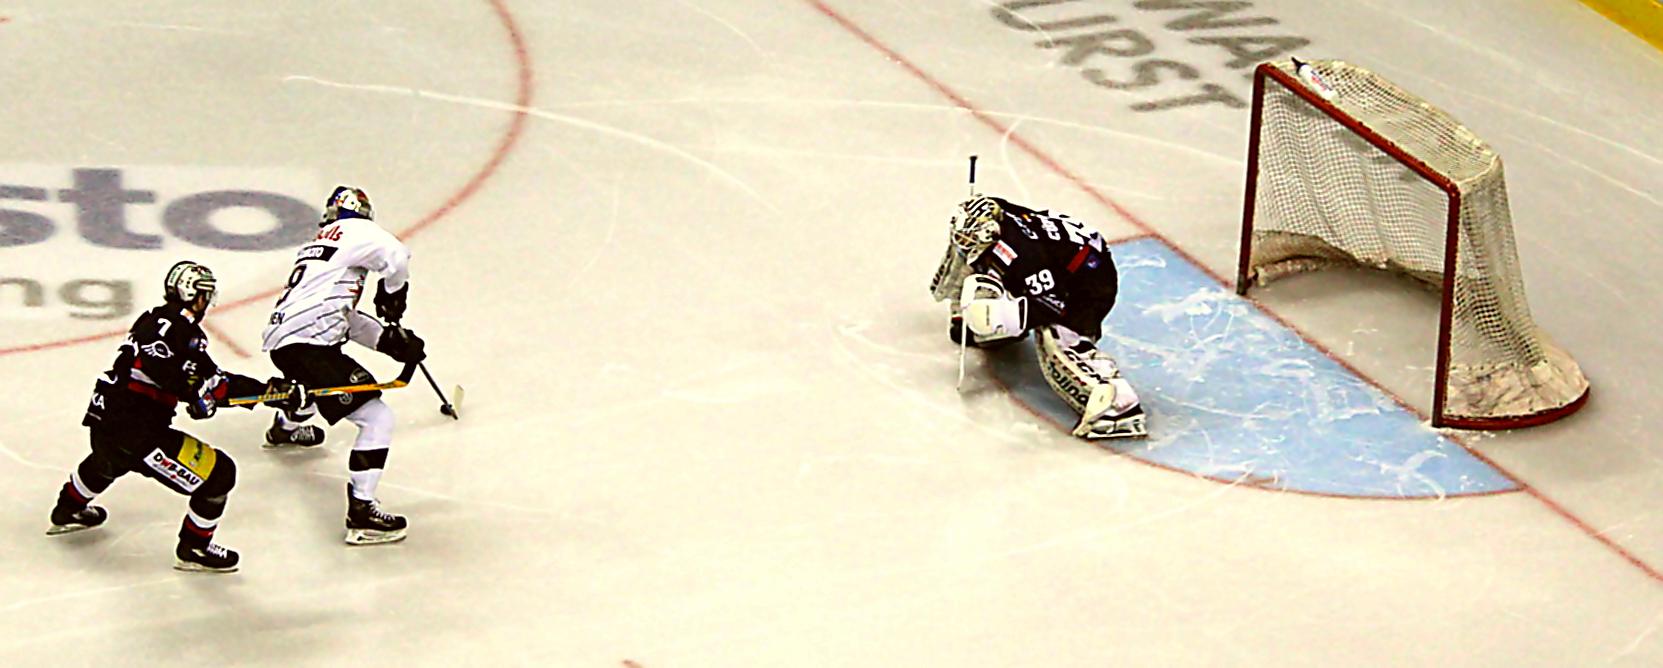 Marvin Cüpper im Eisbären-Tor mit guter Leistung Foto: Stefan Wenske